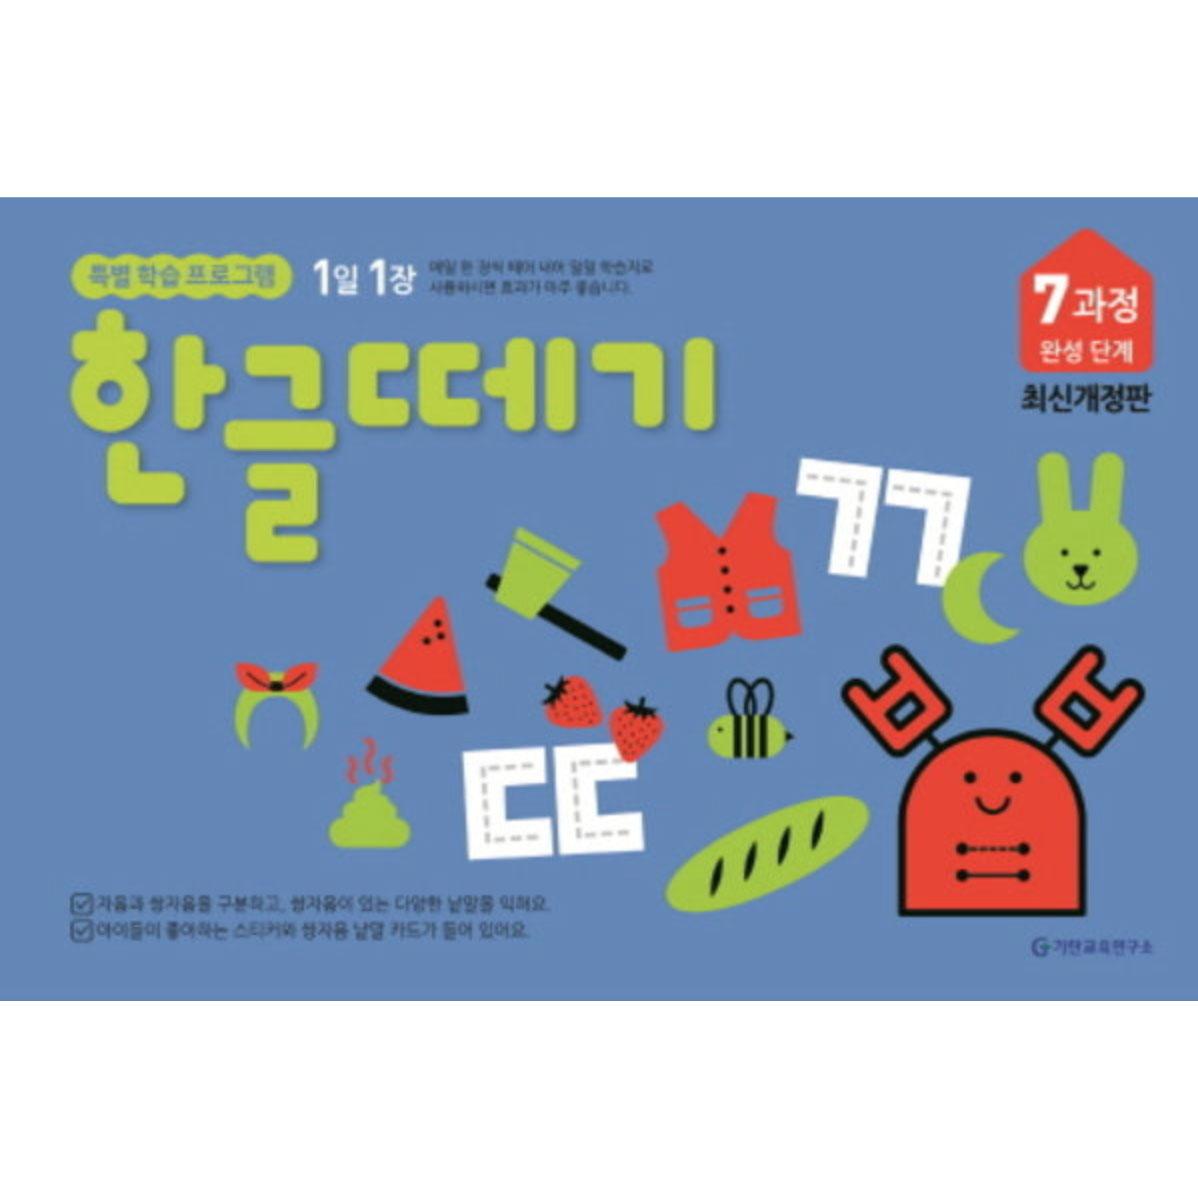 [기탄출판] 1일 1장 한글떼기 – 7과정